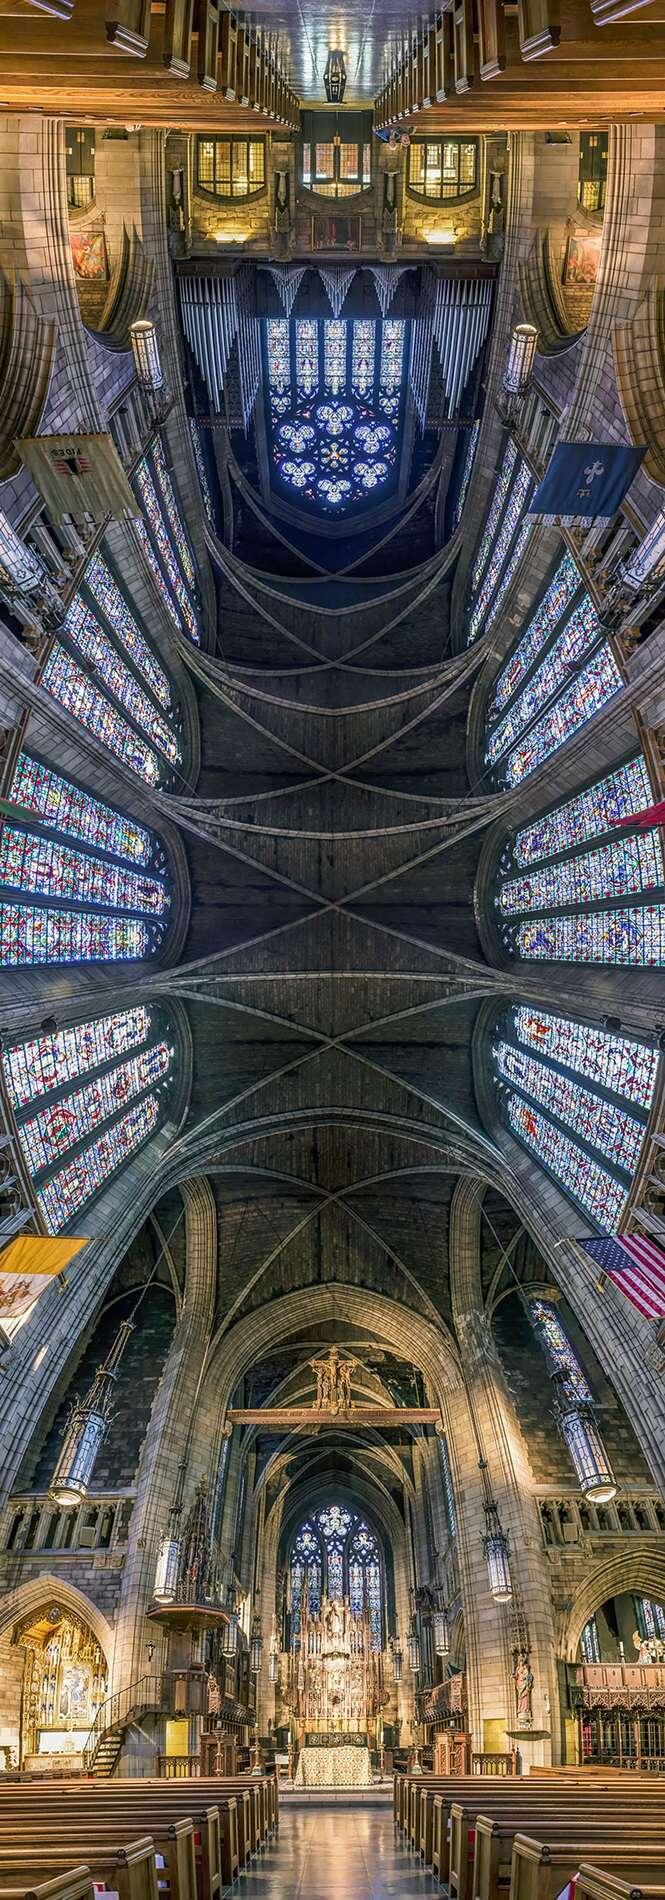 Fotógrafo cria série curiosa com fotos panorâmicas verticais em igrejas de Nova York